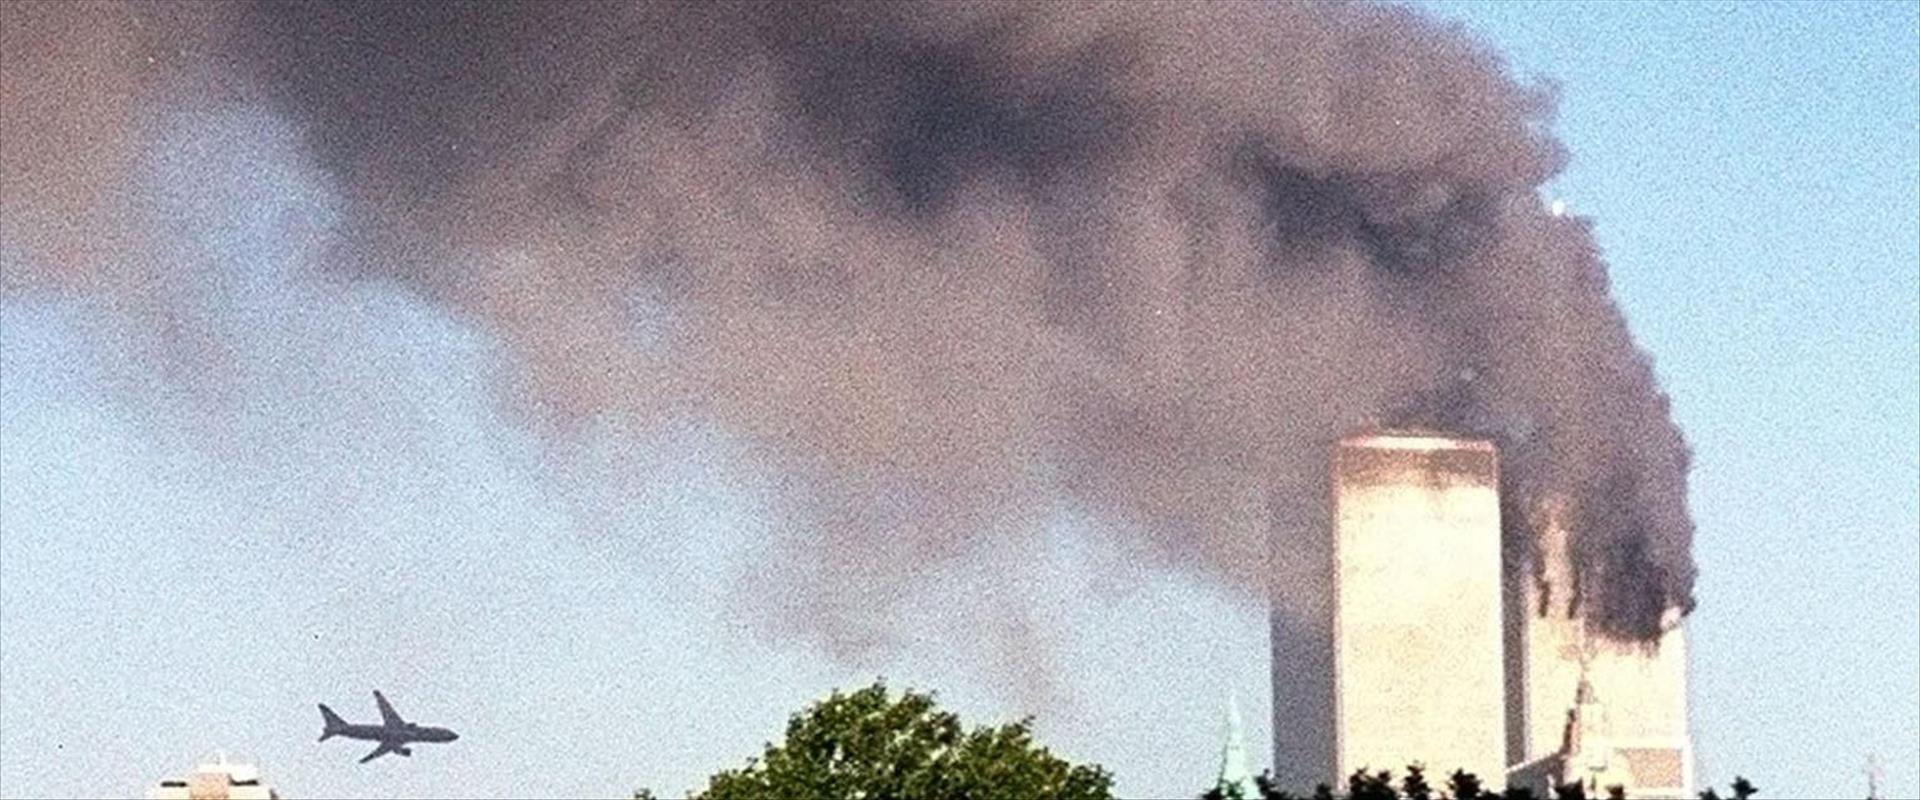 הפיגוע בבנייני התאומים בניו יורק ב-11 בספטמבר 2001